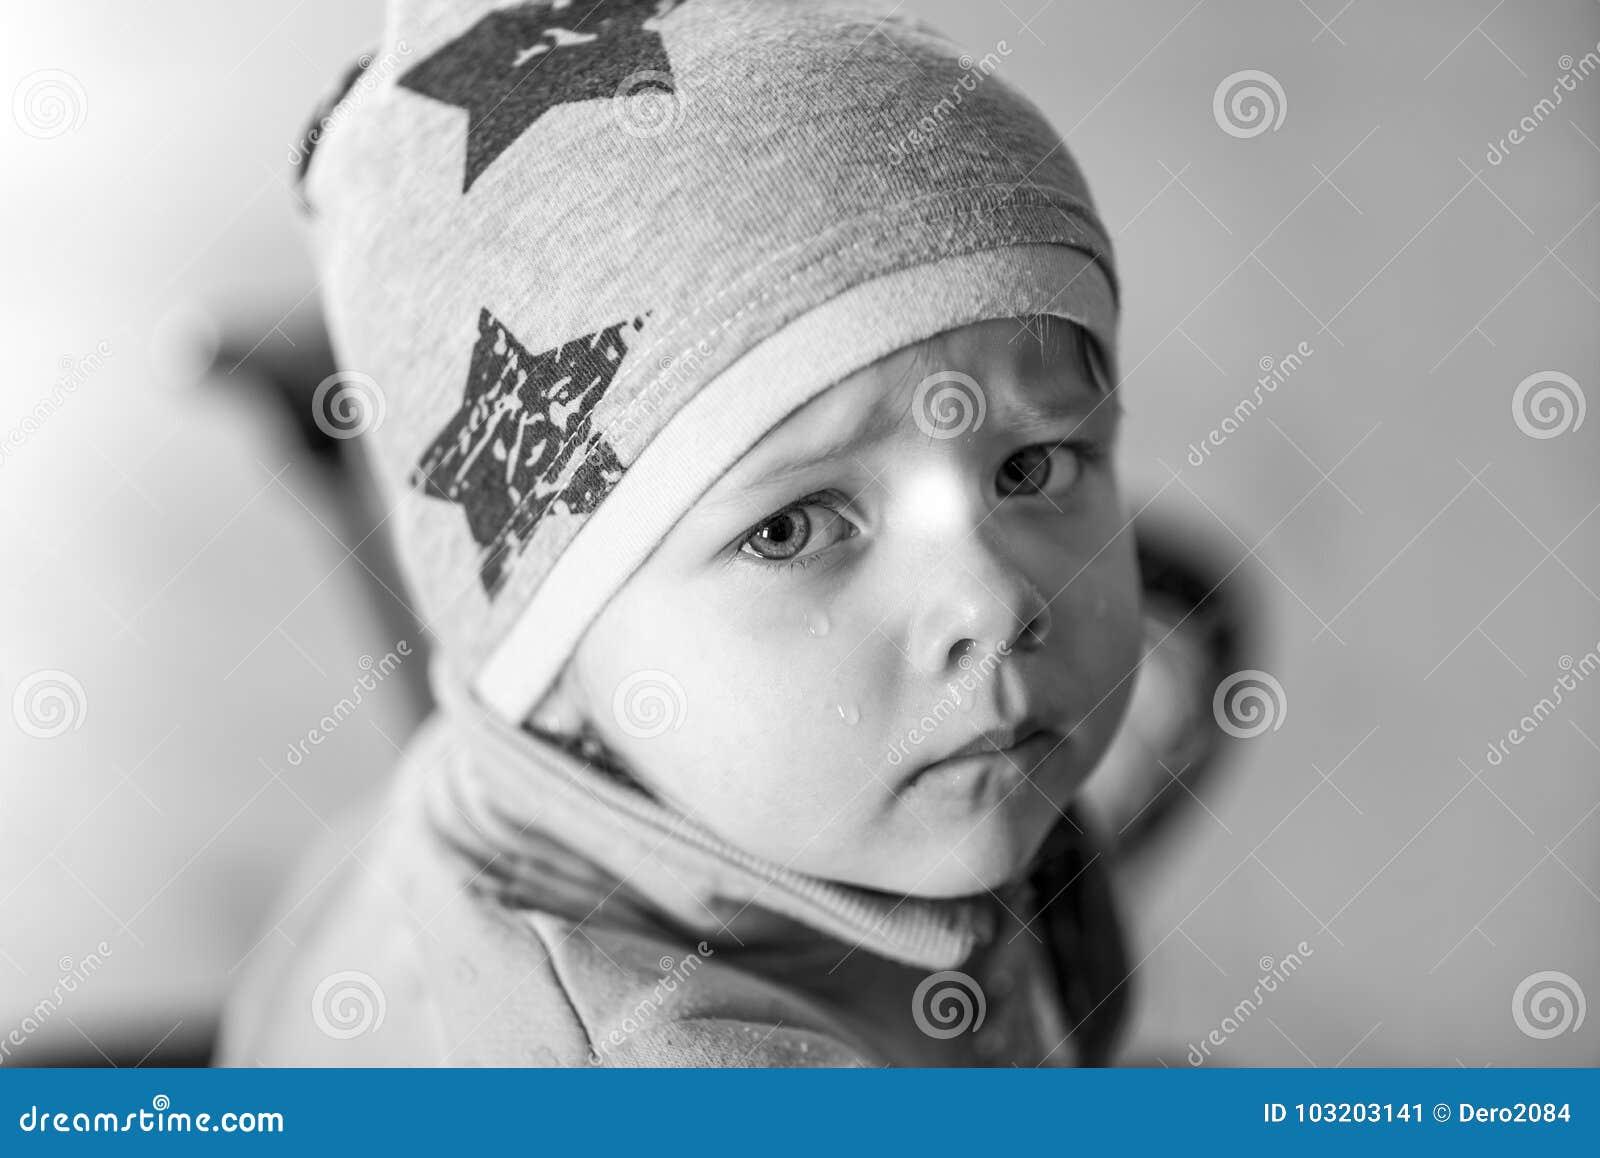 Fille Qui Pleure portrait d'une petite fille qui pleure, écoulement nasal, effet noir